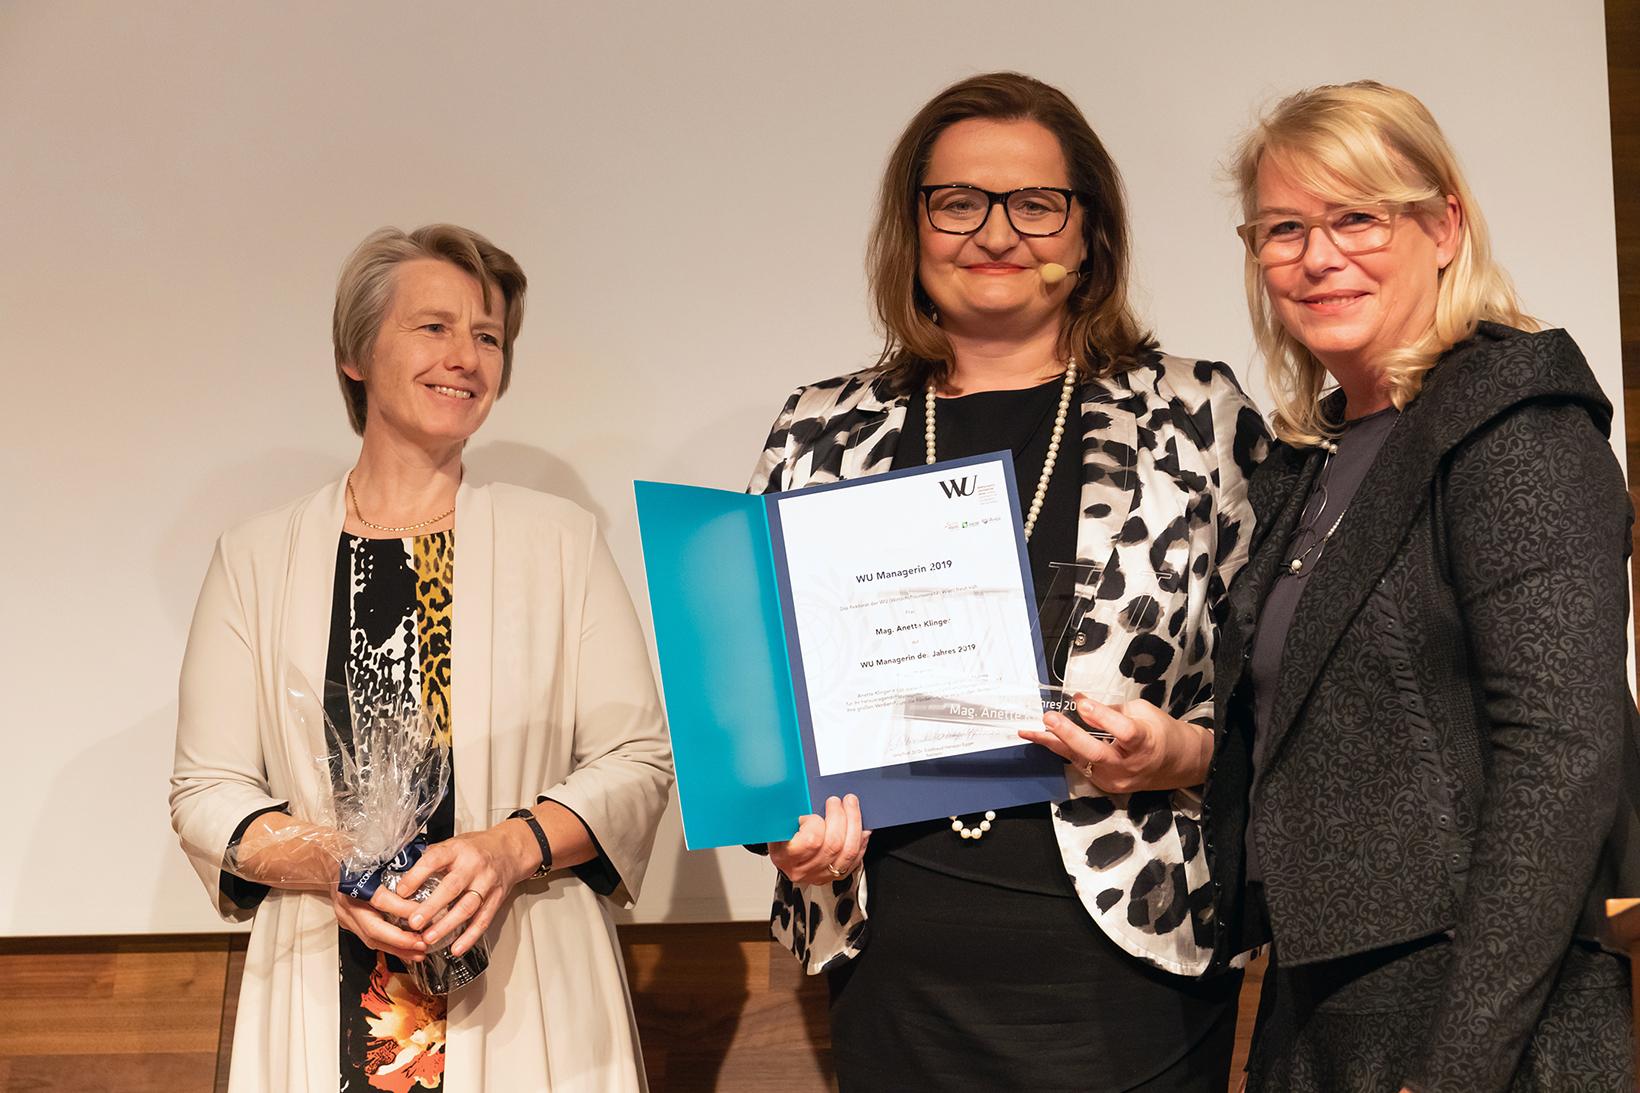 Susanne Kalss, Anette Klinger und Edeltraud Hanappi-Egger